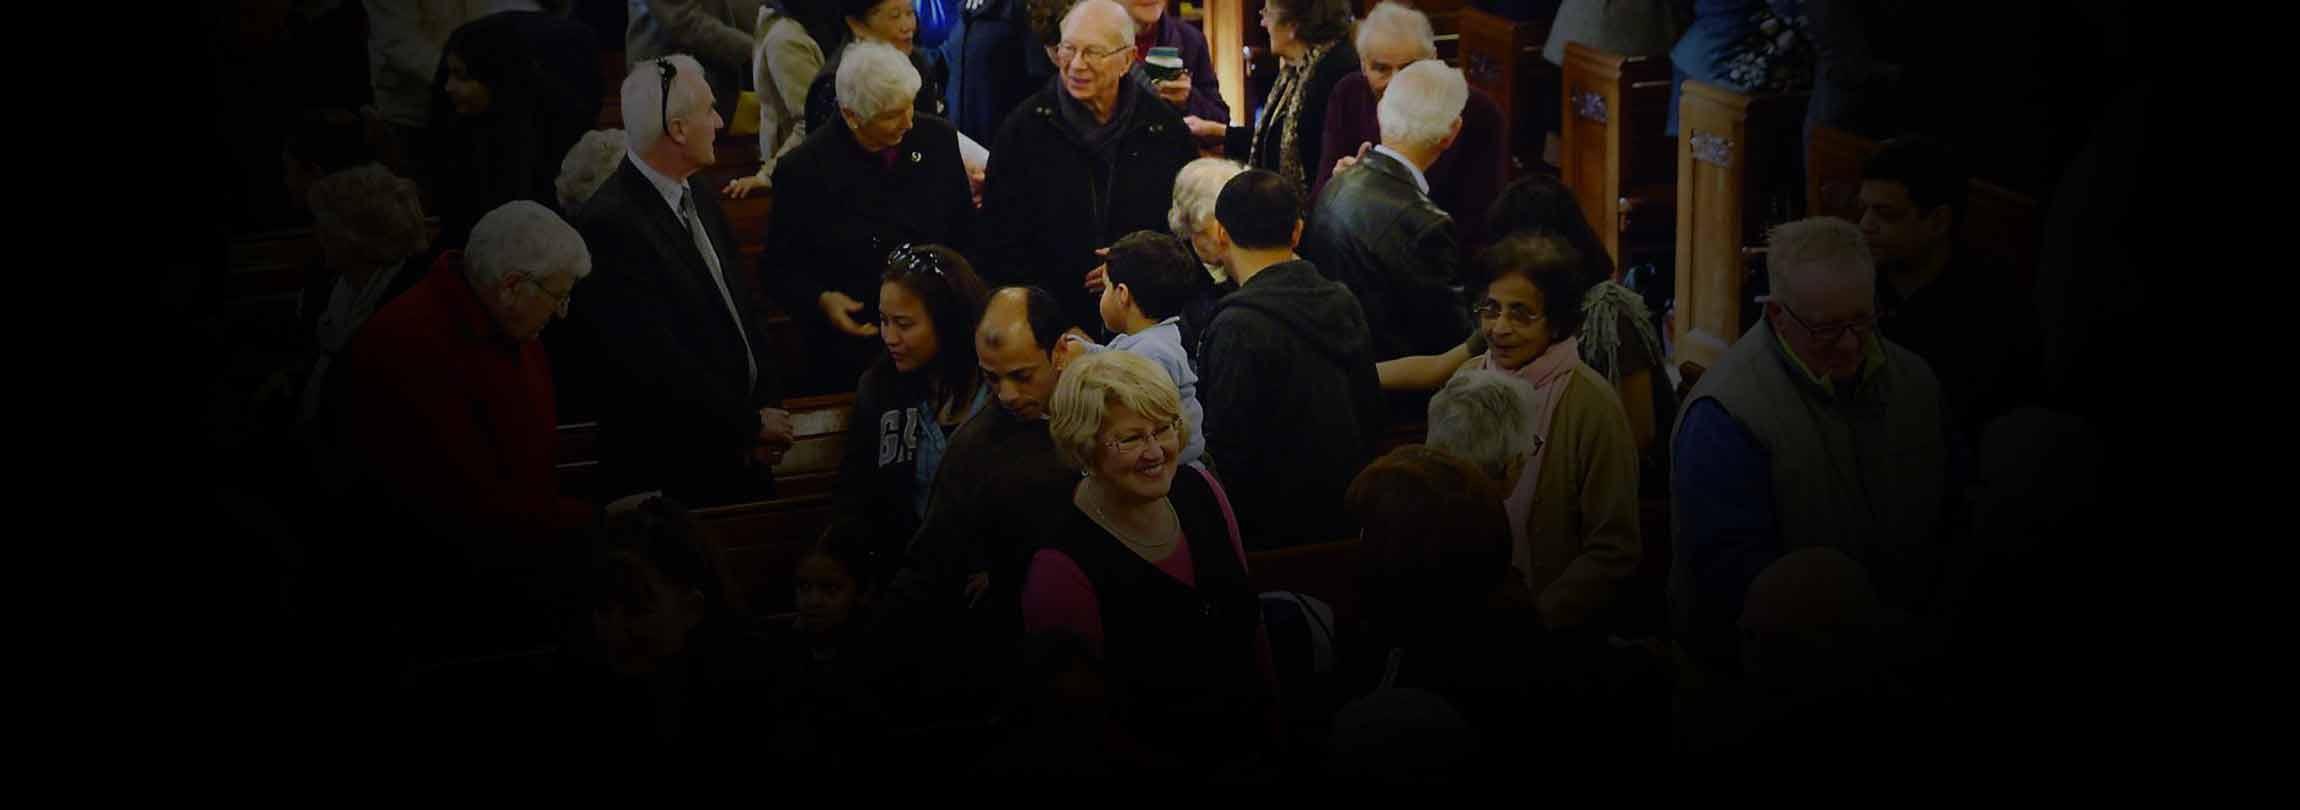 """""""Socializar"""" sim, mas não na Missa"""